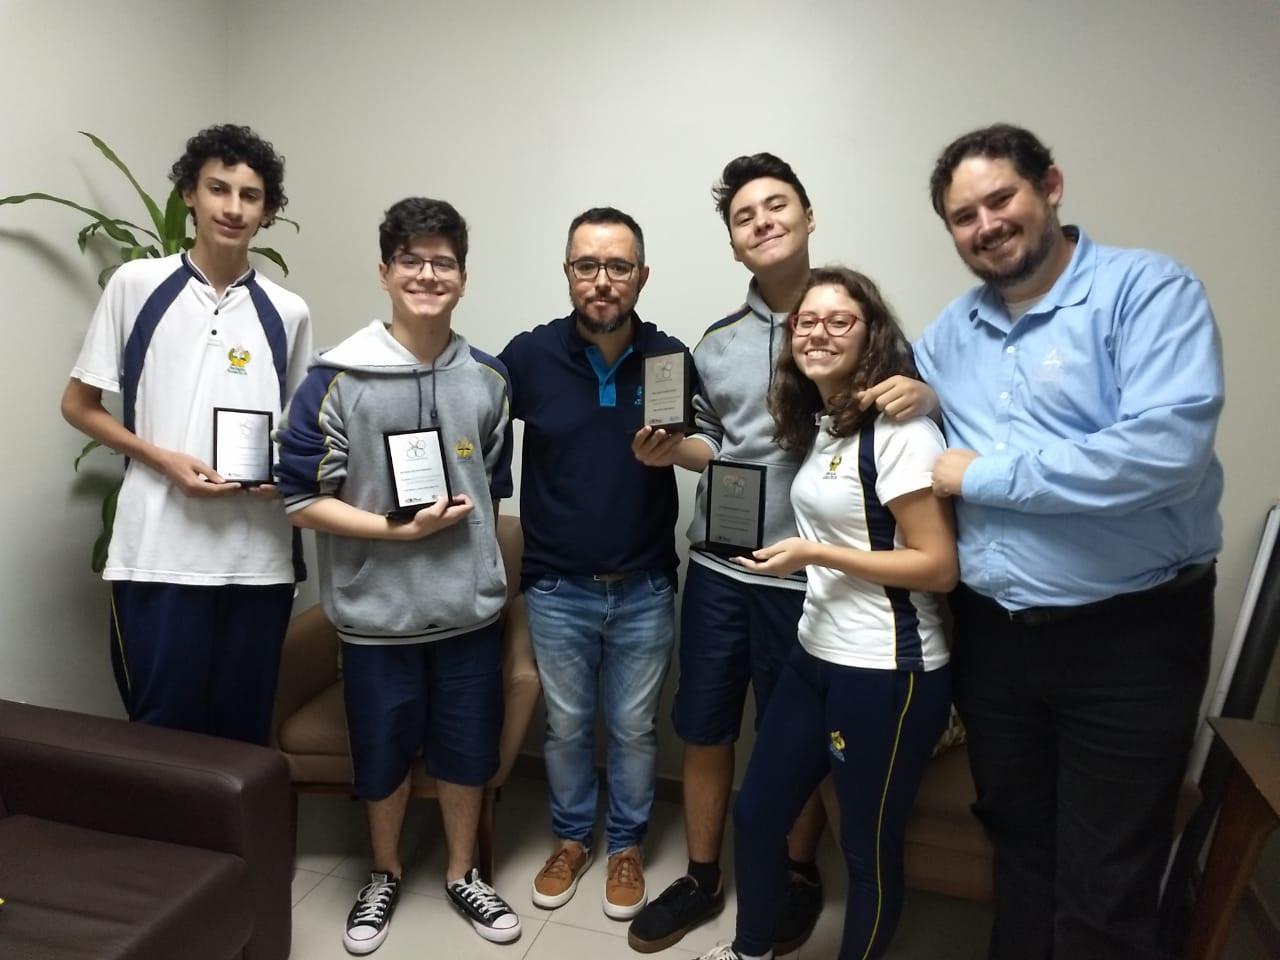 Alunos recebem prêmio da OBF